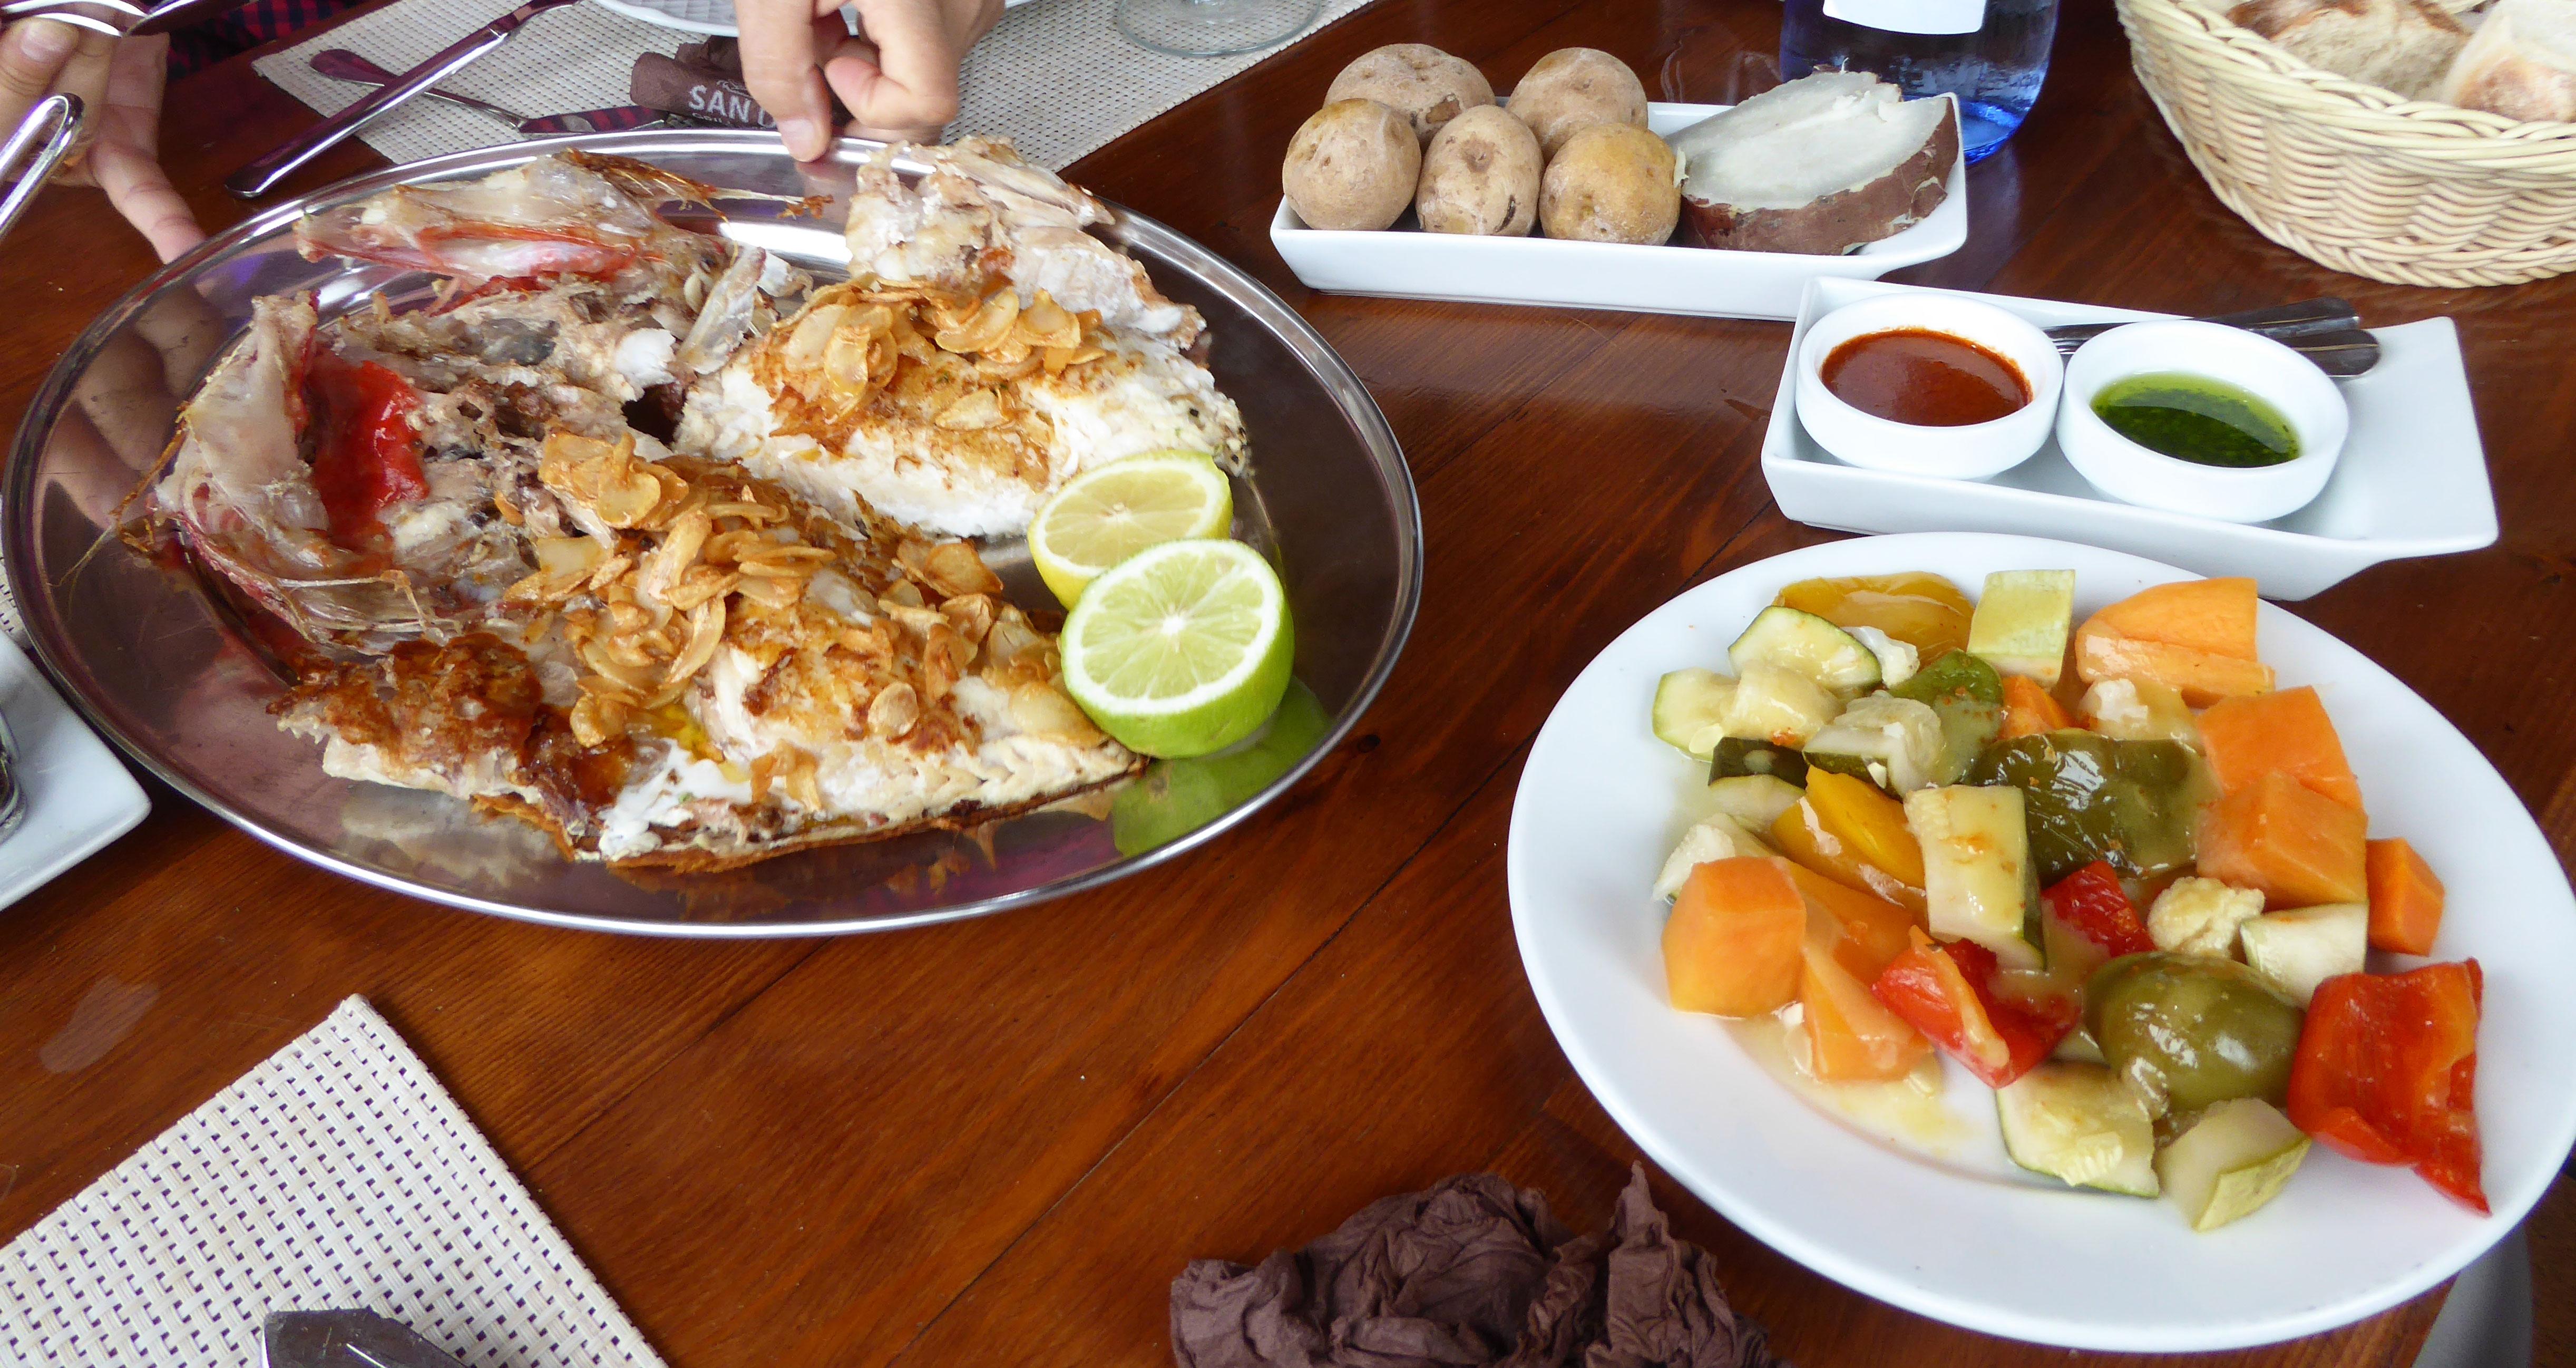 Restaurante en La Orotava Alfonsiño a la brasa con ajos fritos acompañado de verduras y hortalizas, papas arrugadas, batata, mojo rojo y mojo verde